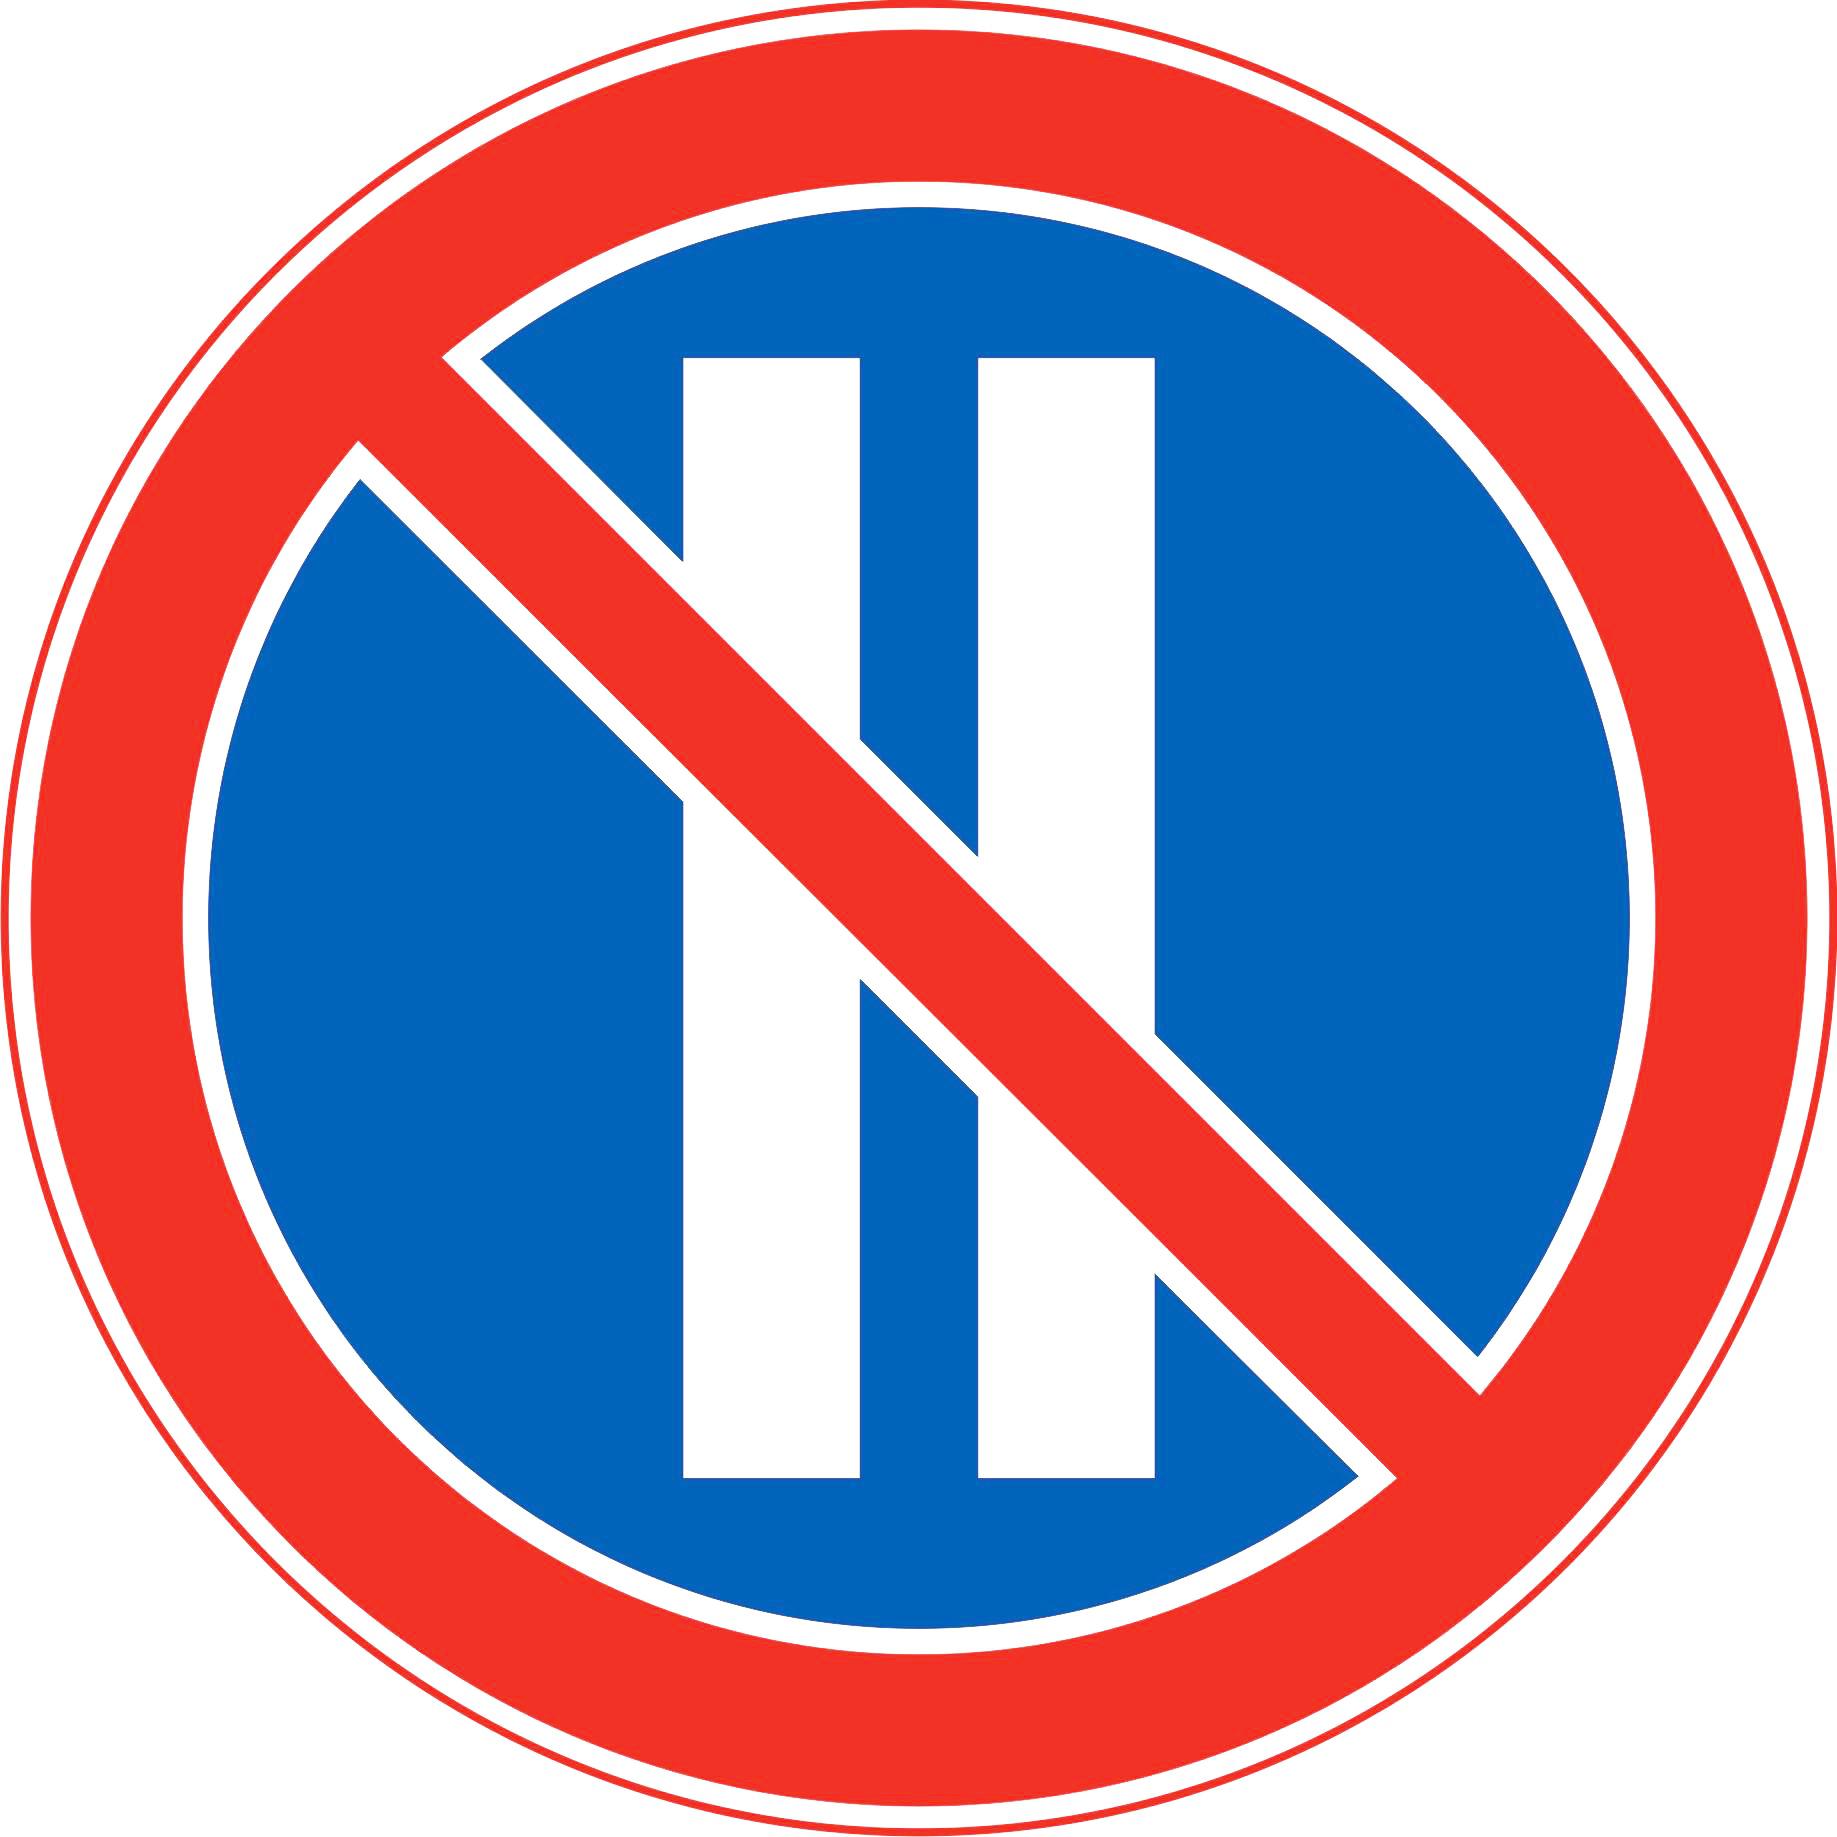 что означает стрелка под знаком стоянка запрещена